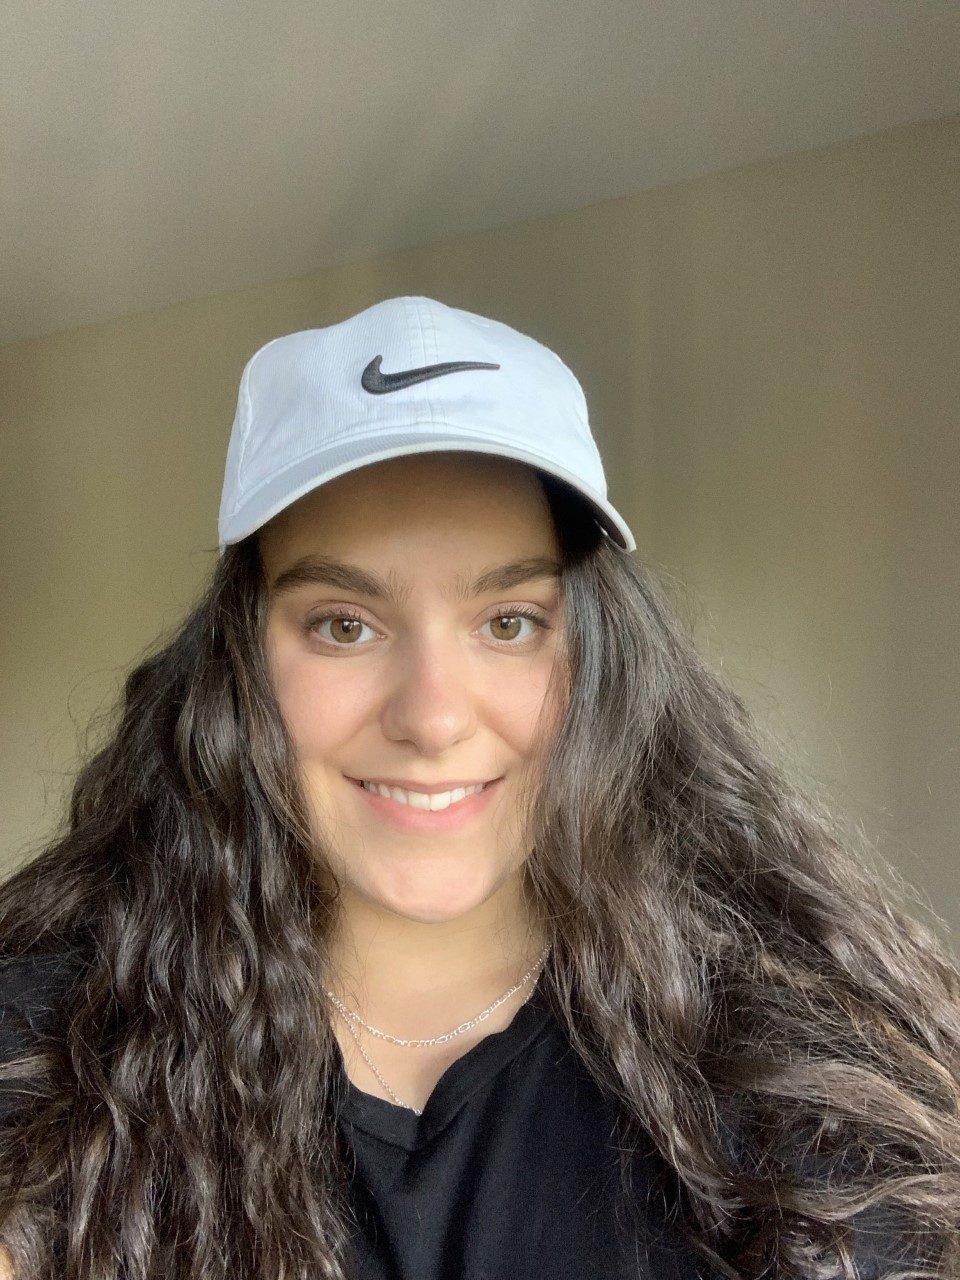 Personal Trainer Napa, California - Leona Rexhepi